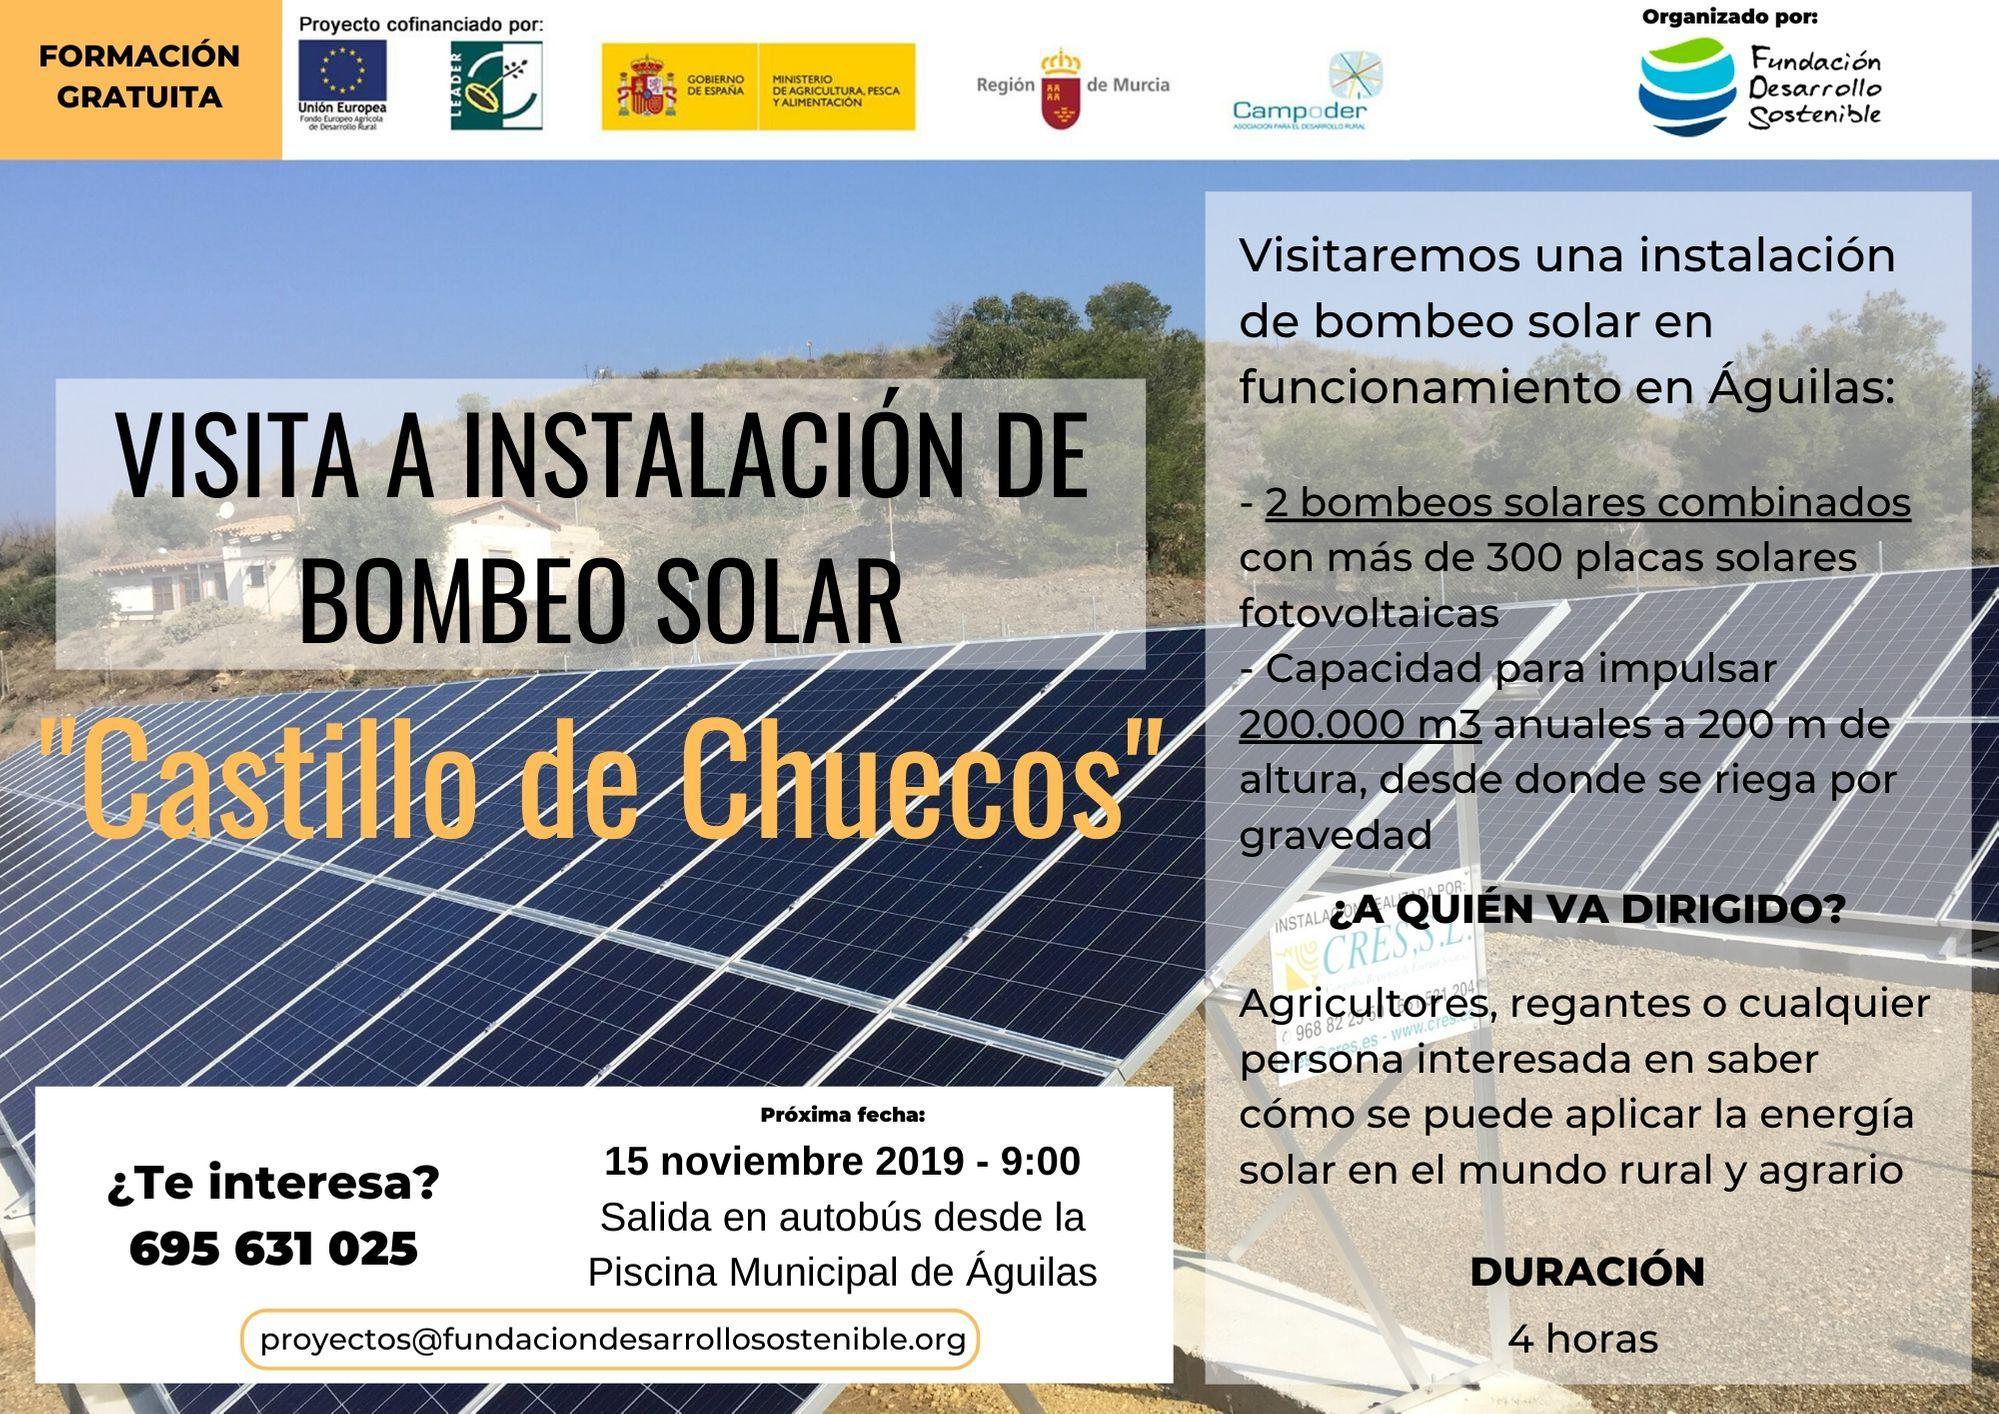 15 noviembre Visita Castillo Chuecos - Energía Solar en el Mundo Rural y Agrario